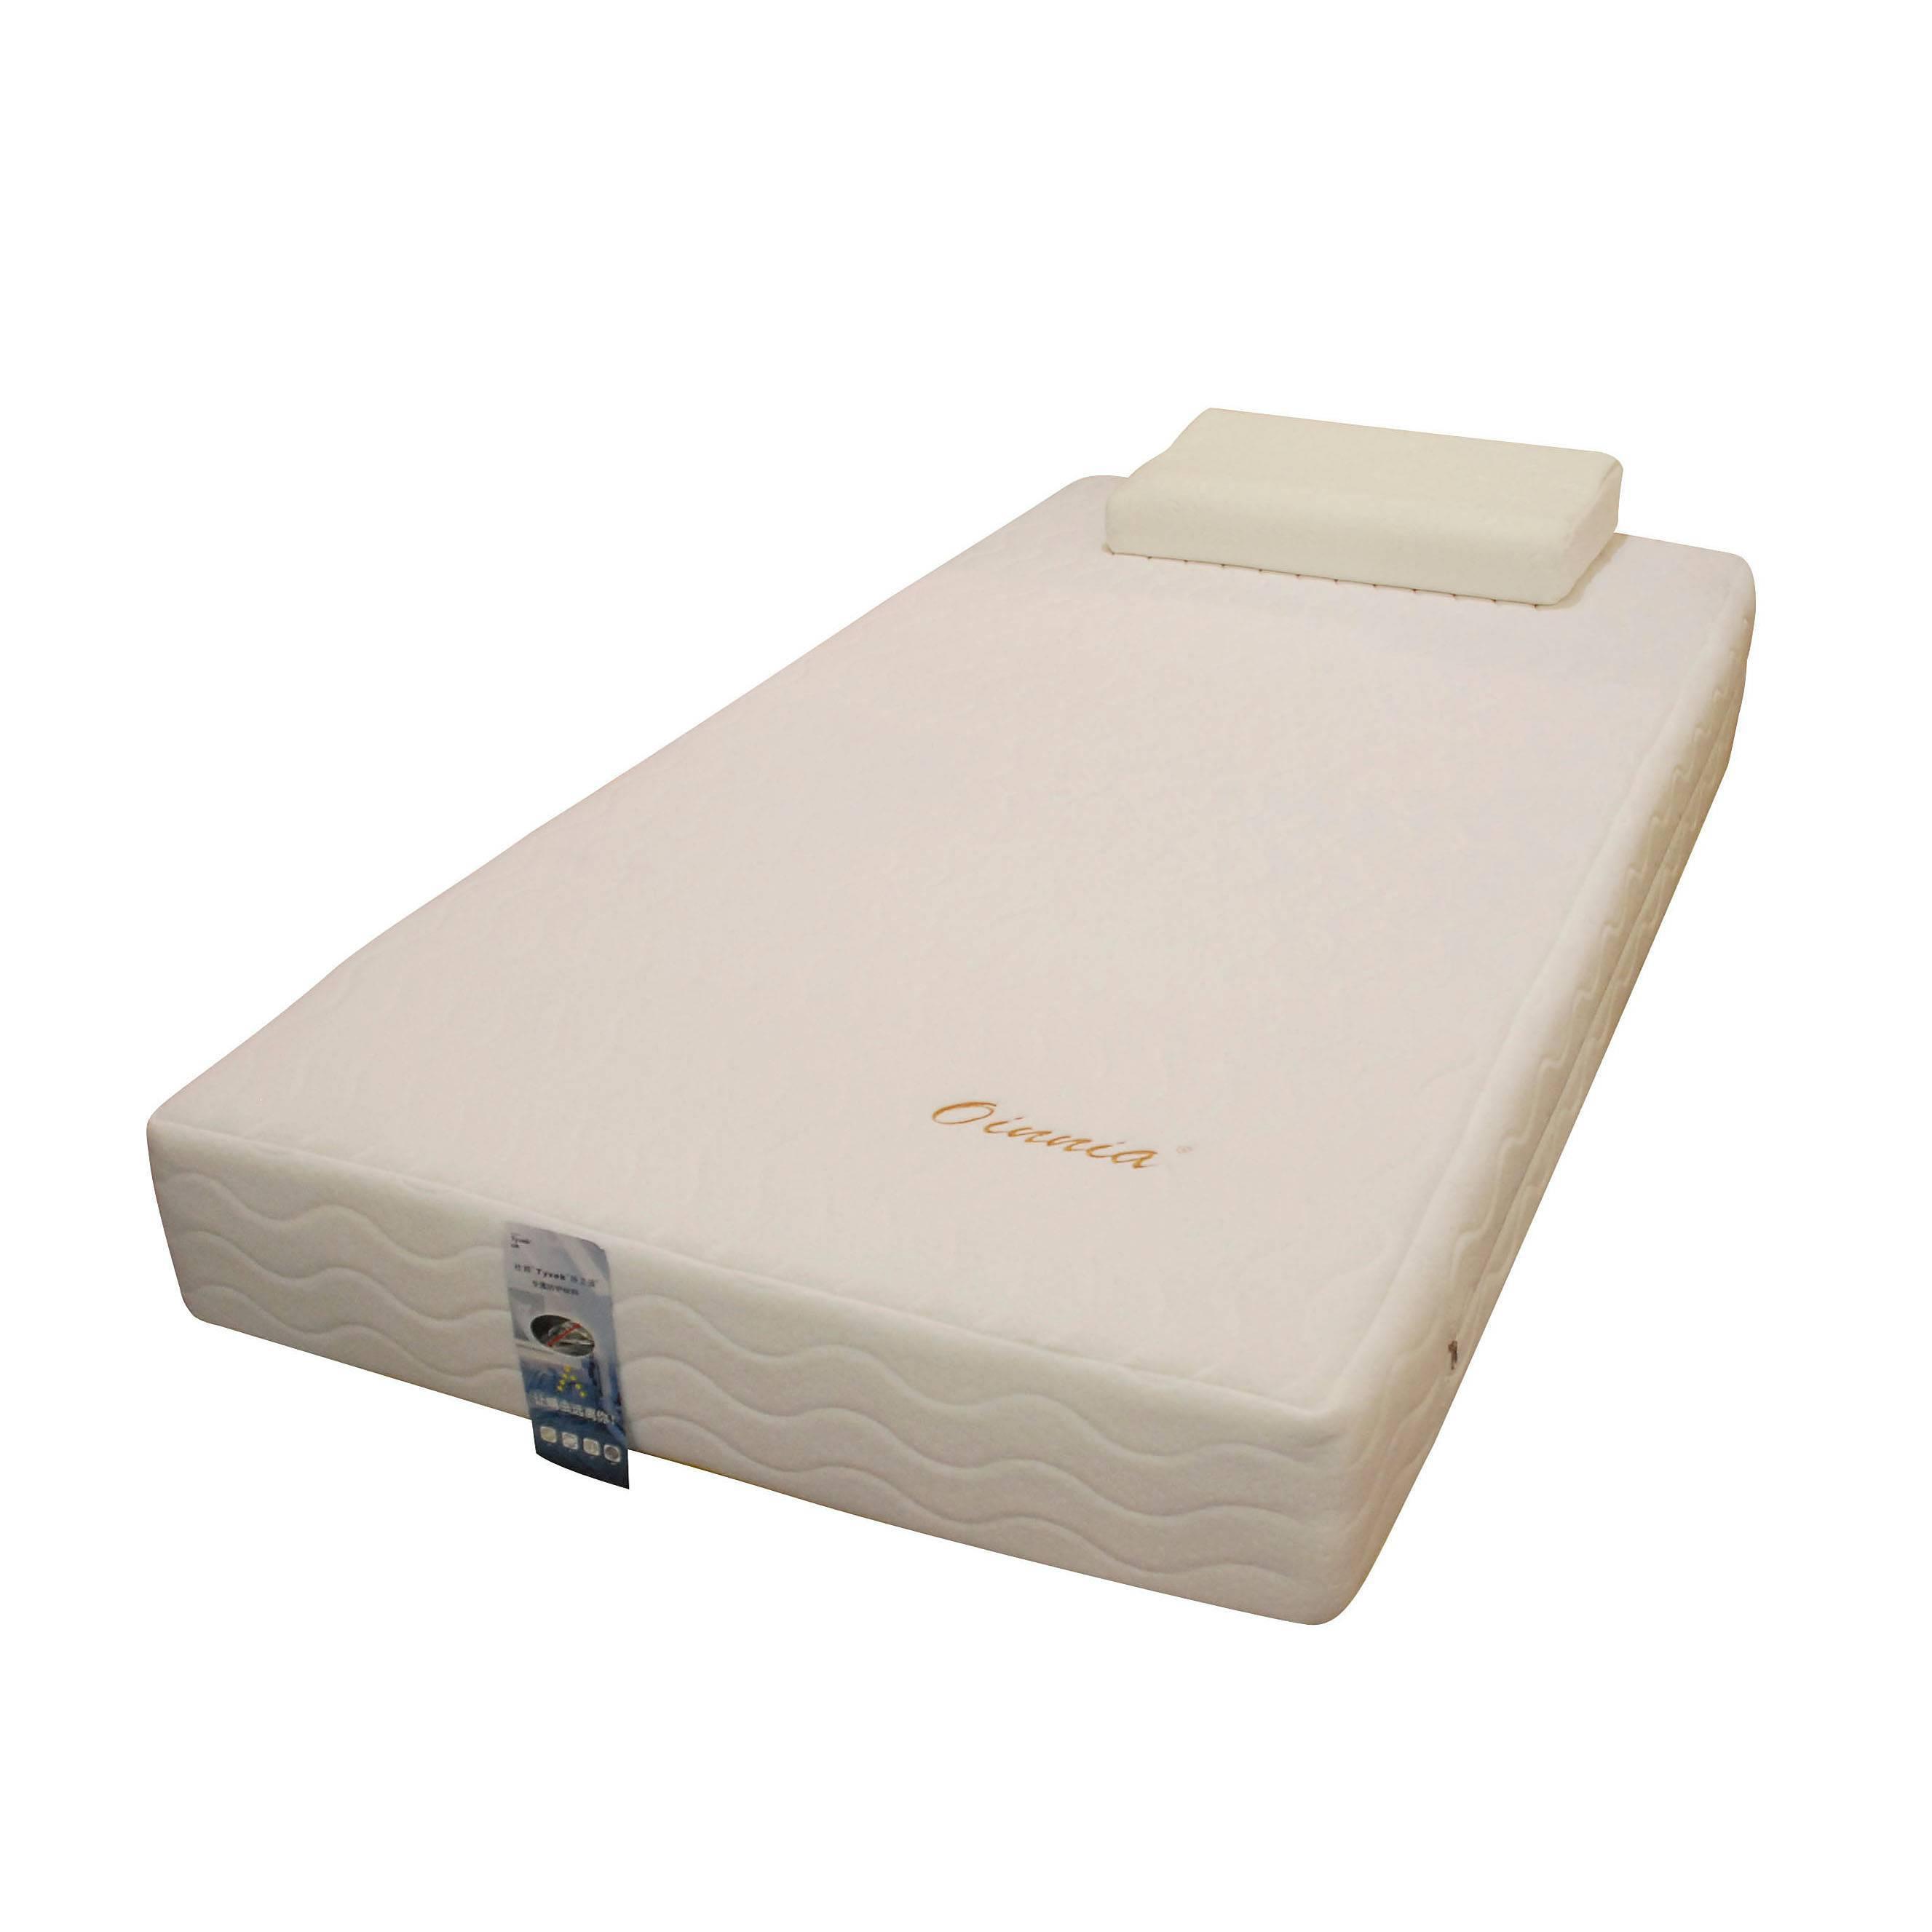 Mattress twin size cheap 100 best mattress for platform for Cheap single mattress